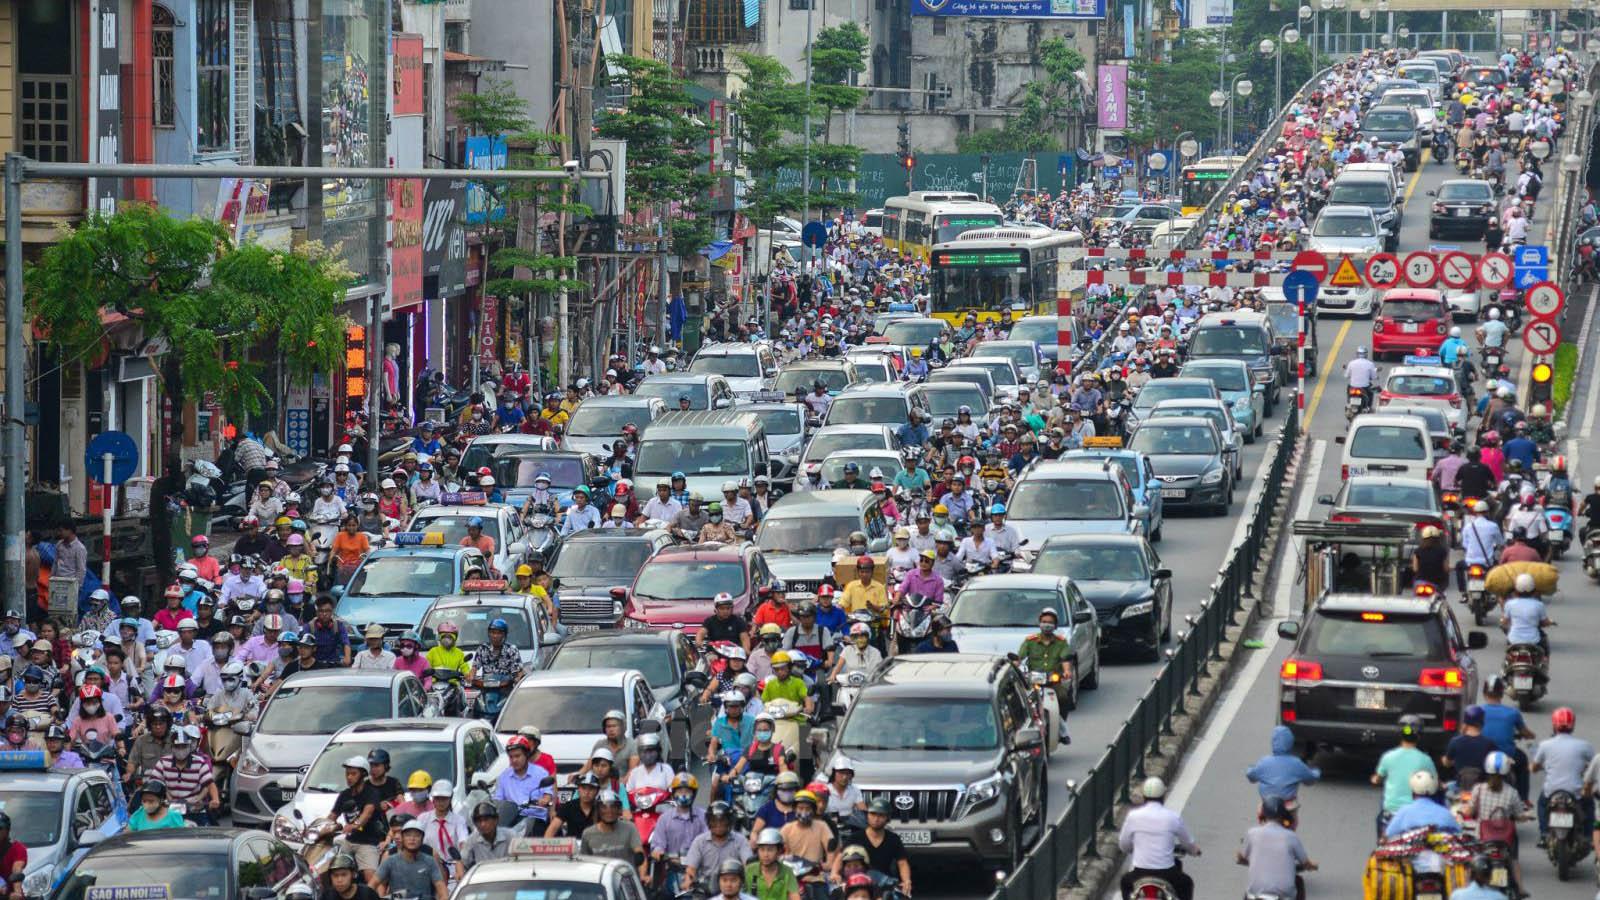 vietnam dangereux pour les touristes